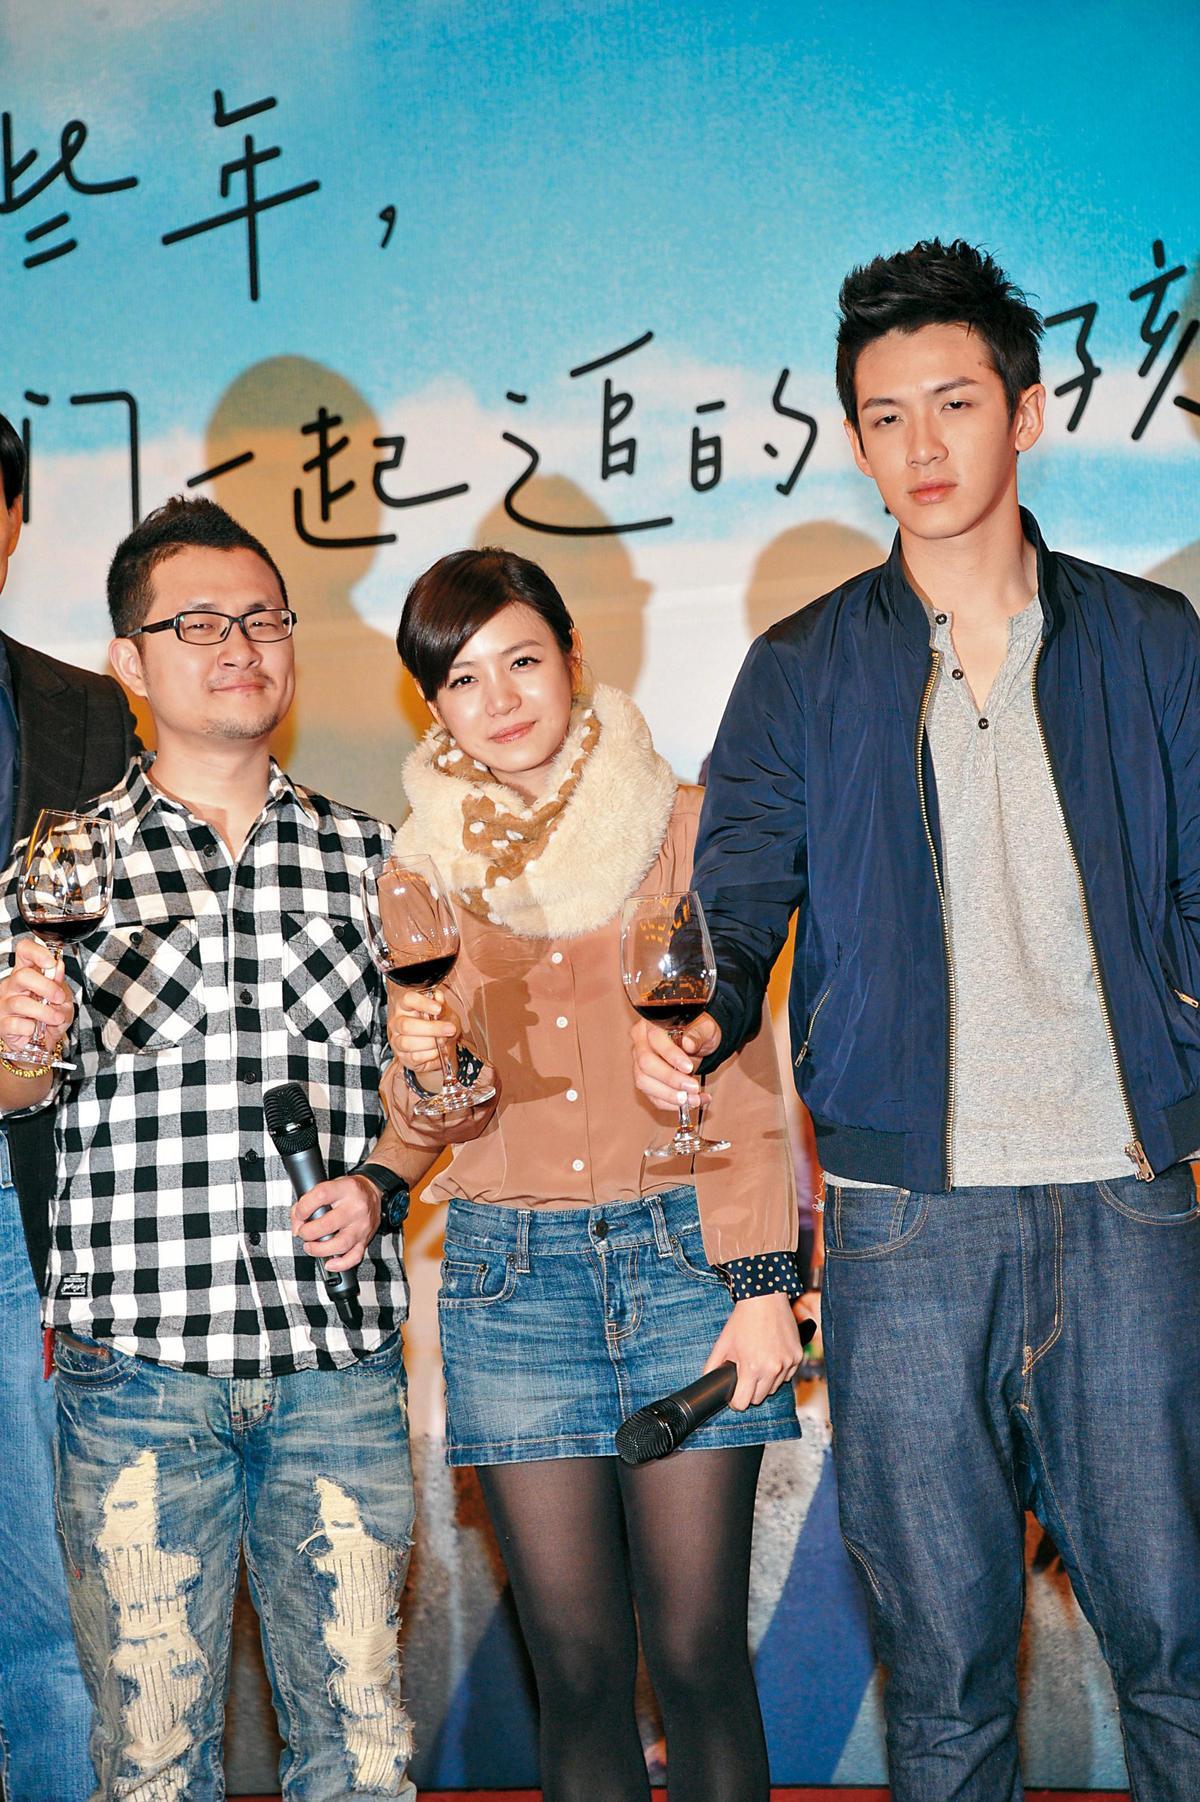 傳出柯震東(右)要升格當製作人,他找了把他捧紅的導演九把刀(左)來合作。中為陳妍希。(東方IC)